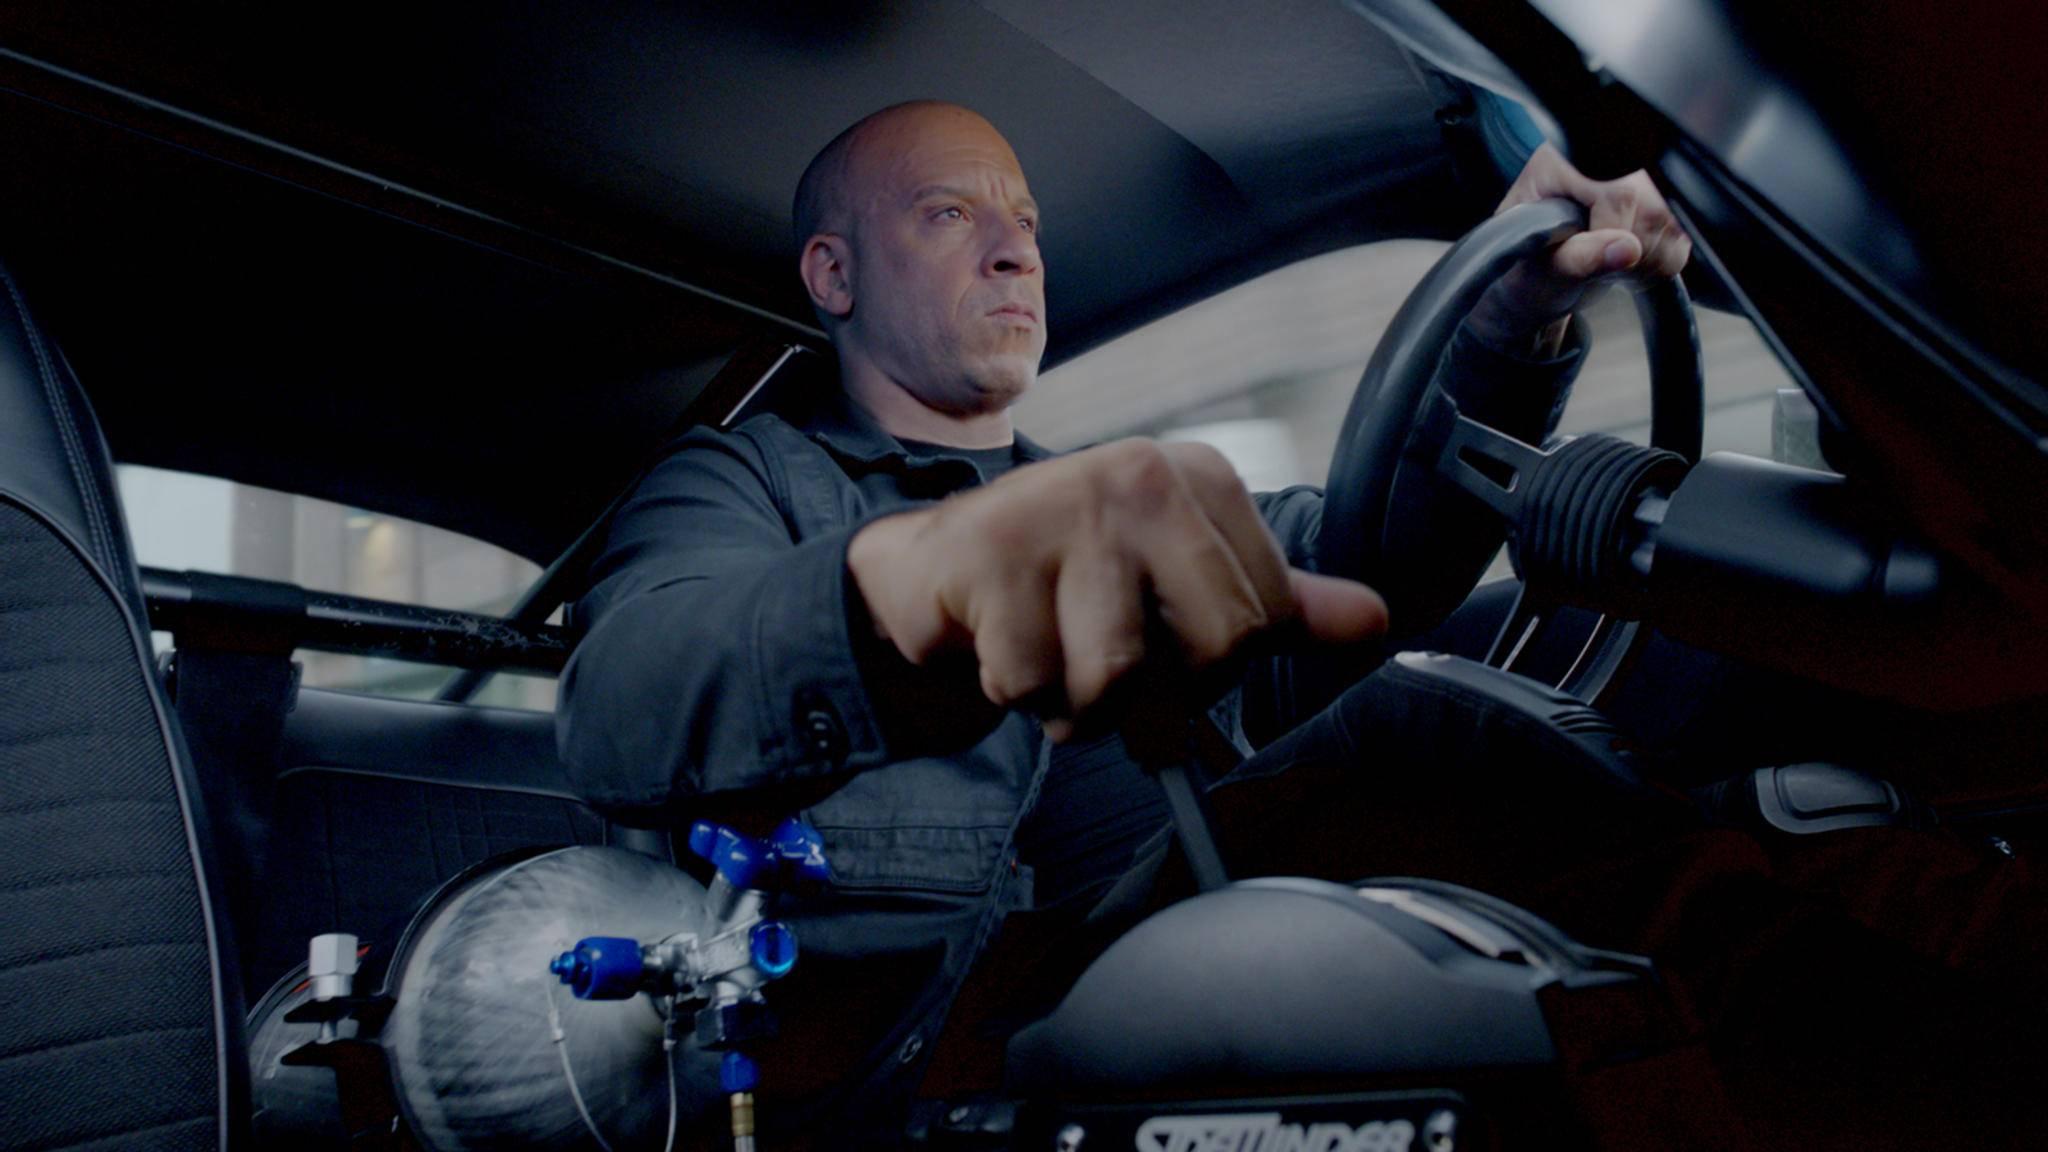 """Auf der Zielgeraden: Der Trailer für """"Fast & Furious 9"""" dürfte noch in diesem Jahr erscheinen."""